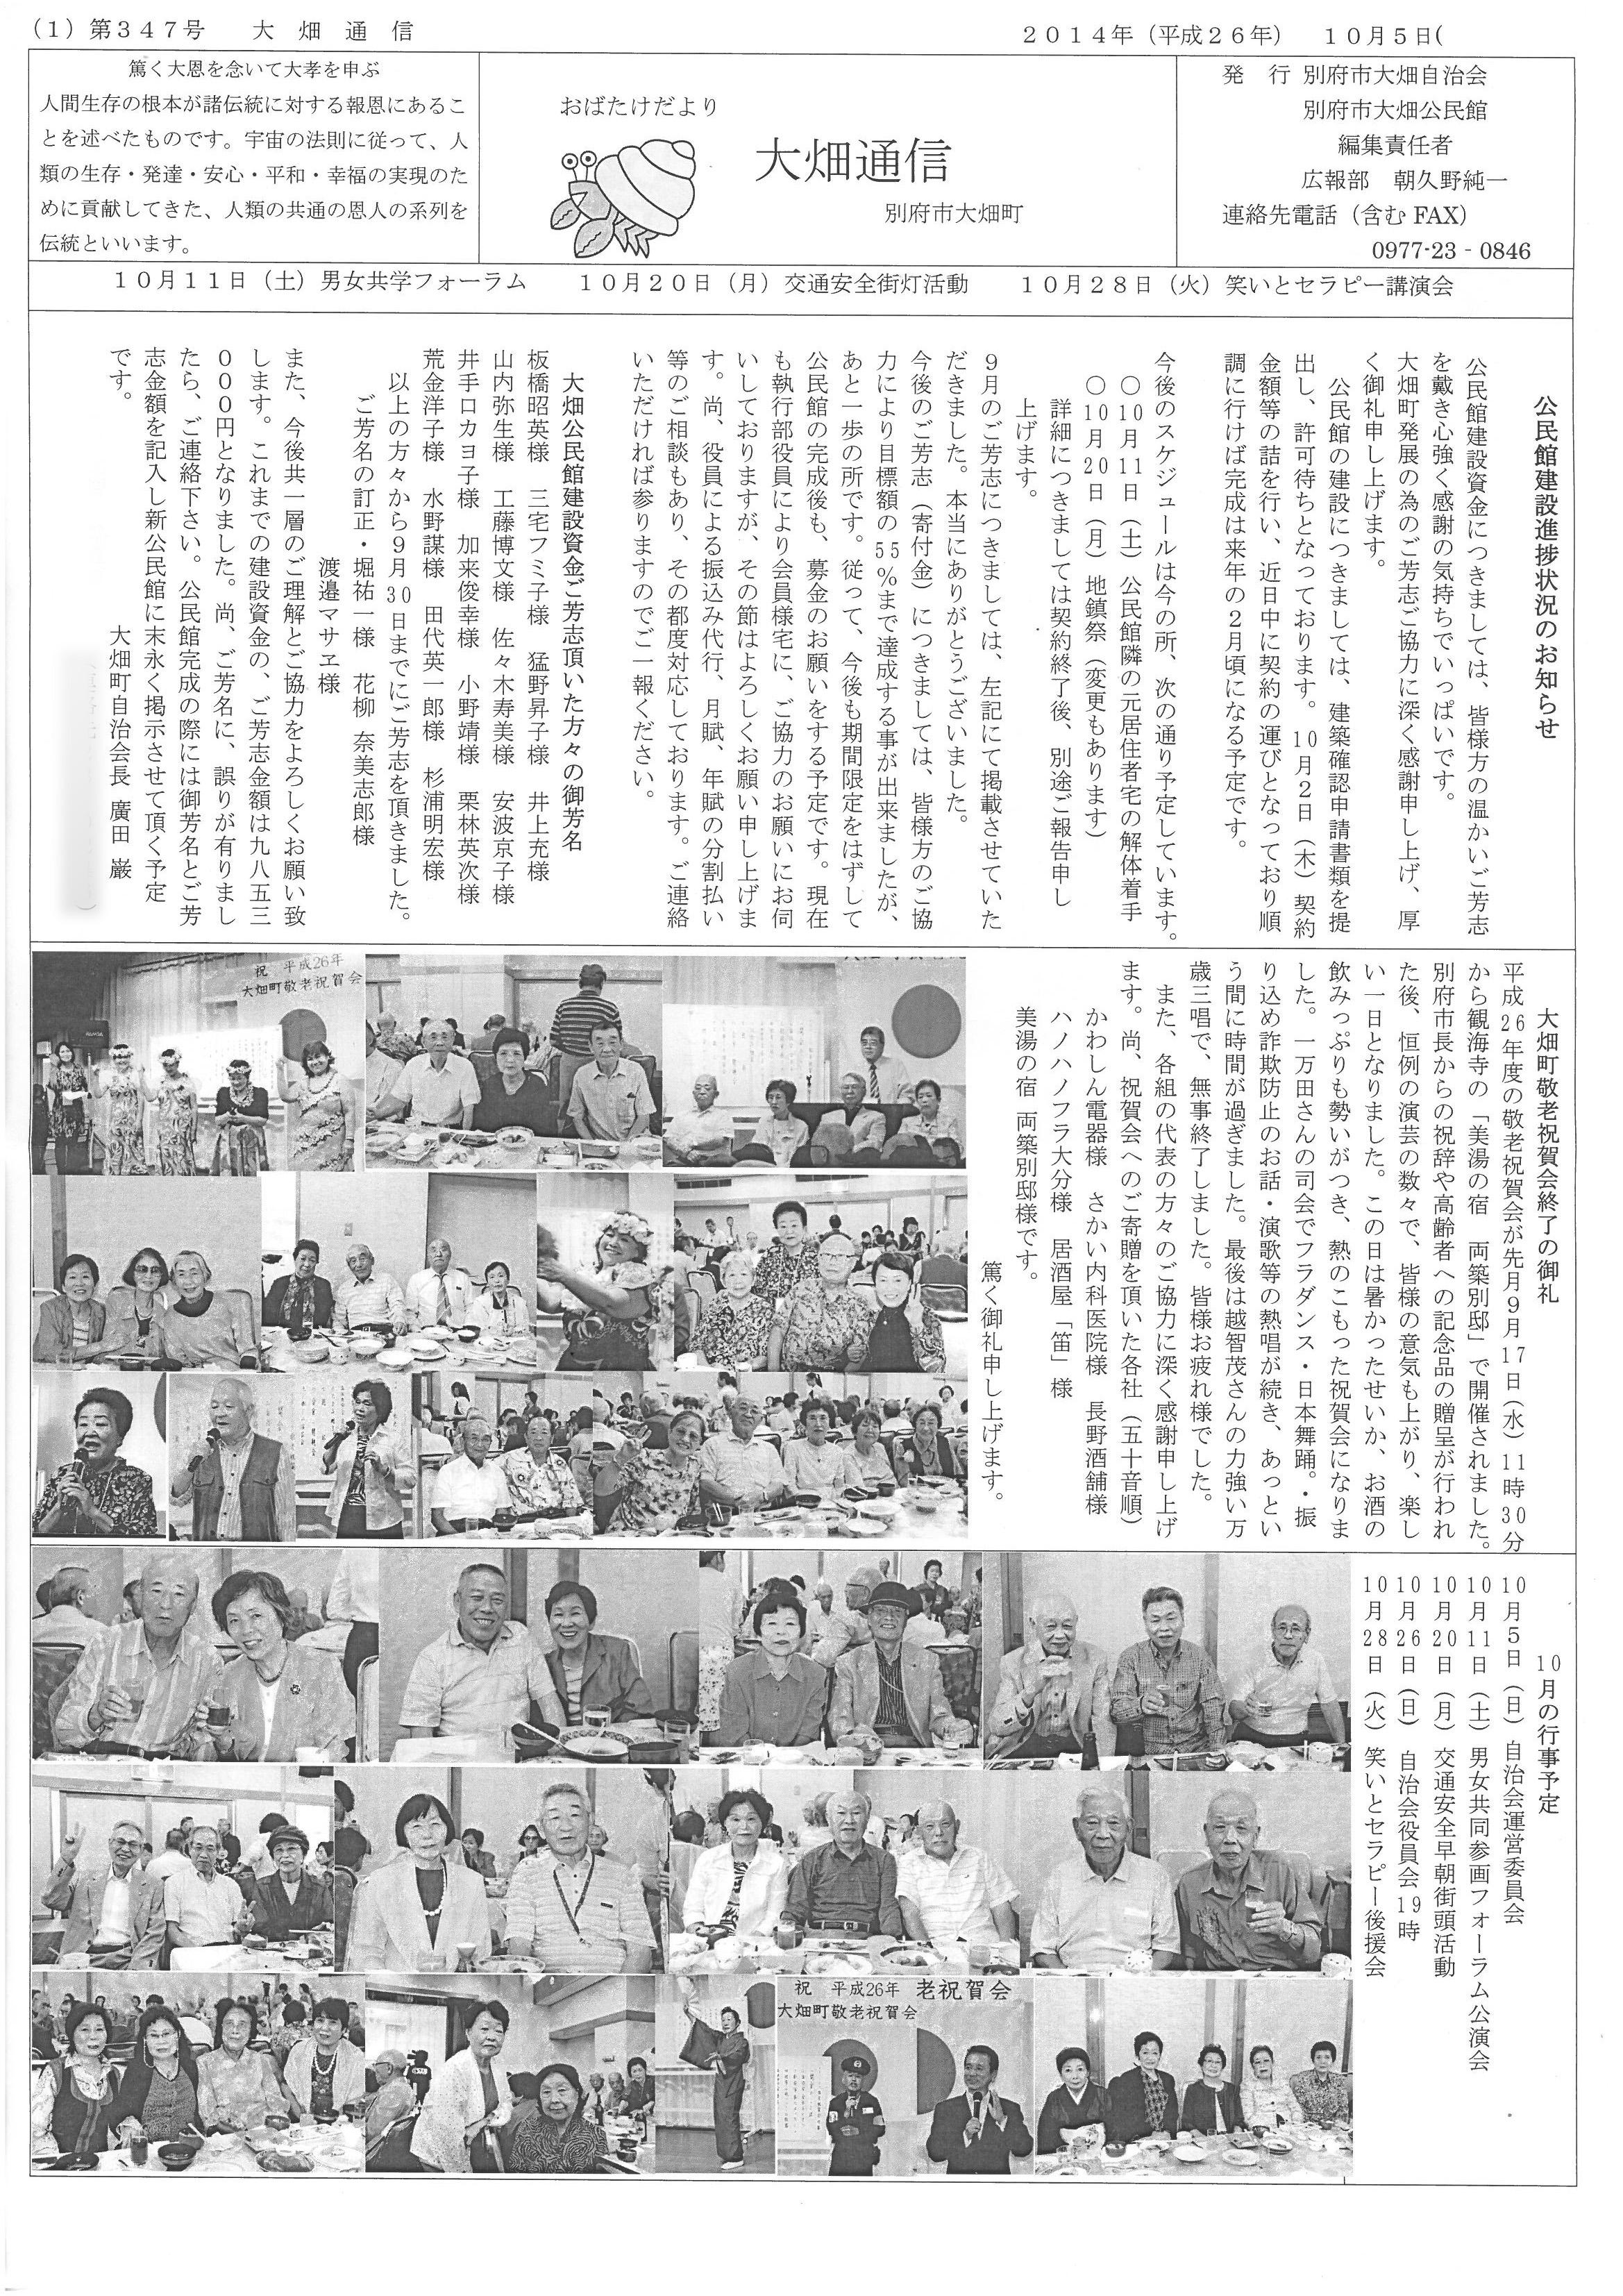 obatake2014_10_01